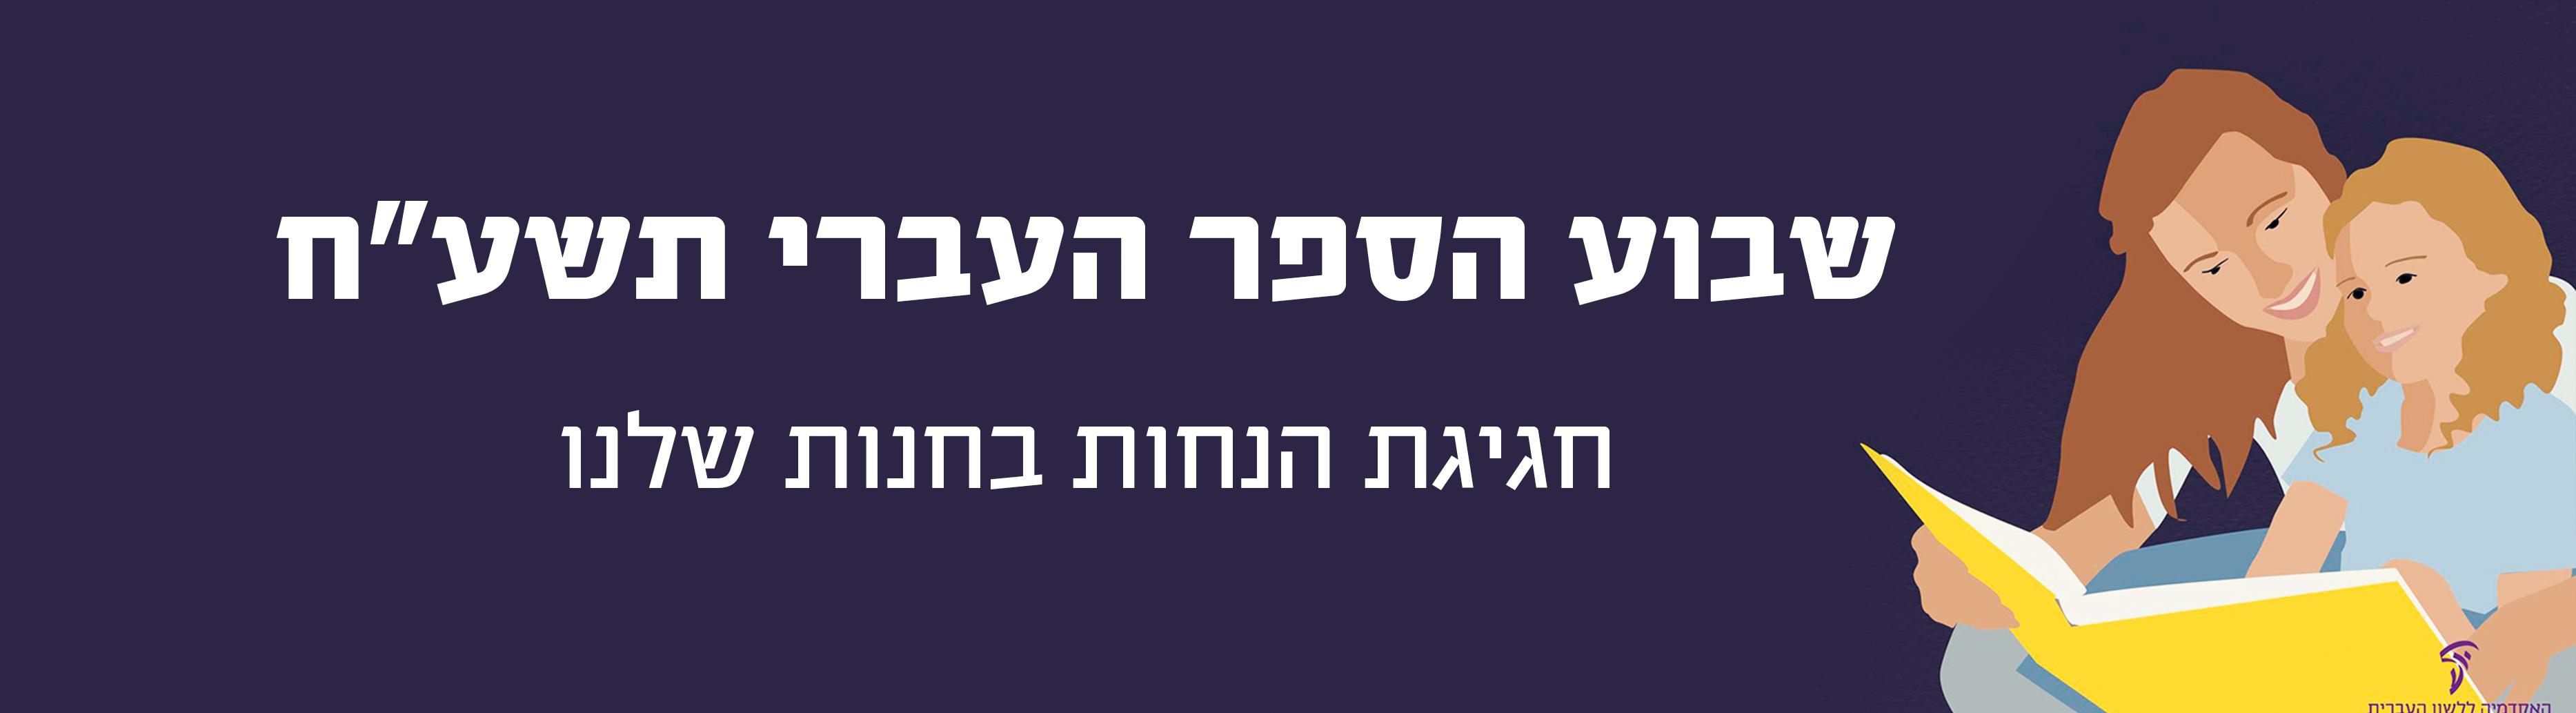 """איור אמא ובת קוראים ספר וכיתוב """"שבוע הספר העברי תשע""""ח - חגיגת הנחות בחנות שלנו"""""""